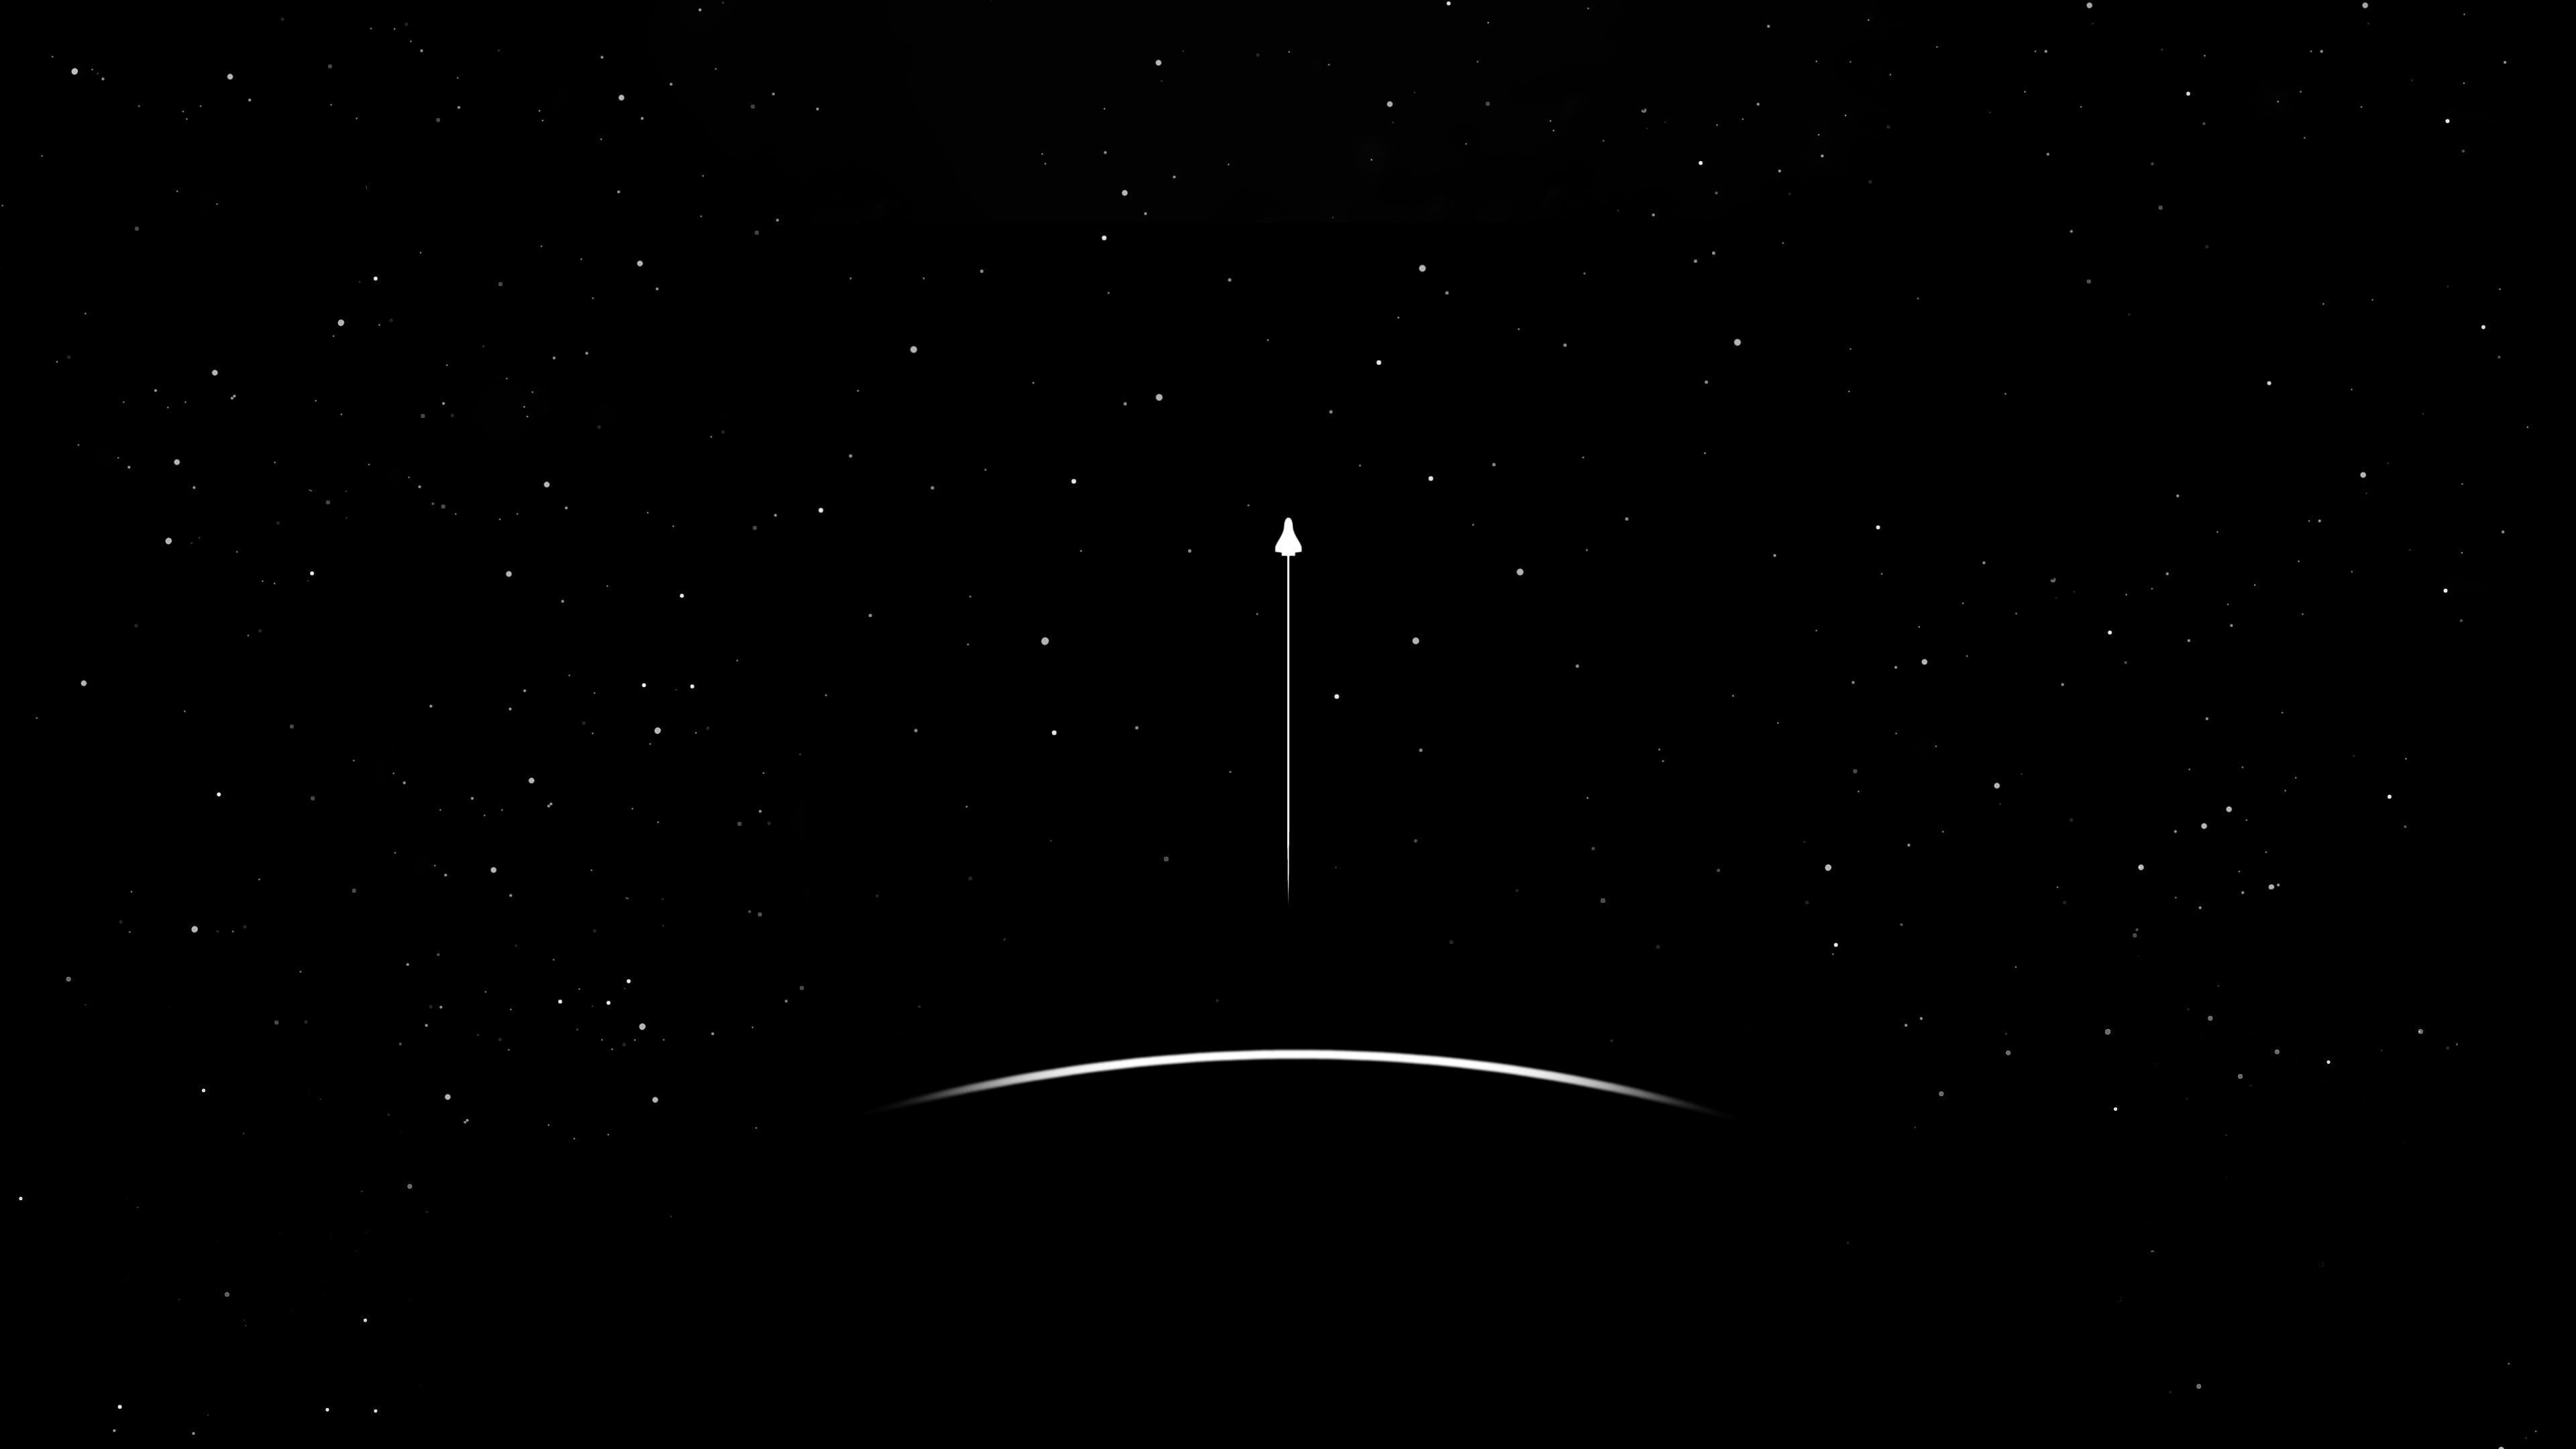 simple simple background minimalism